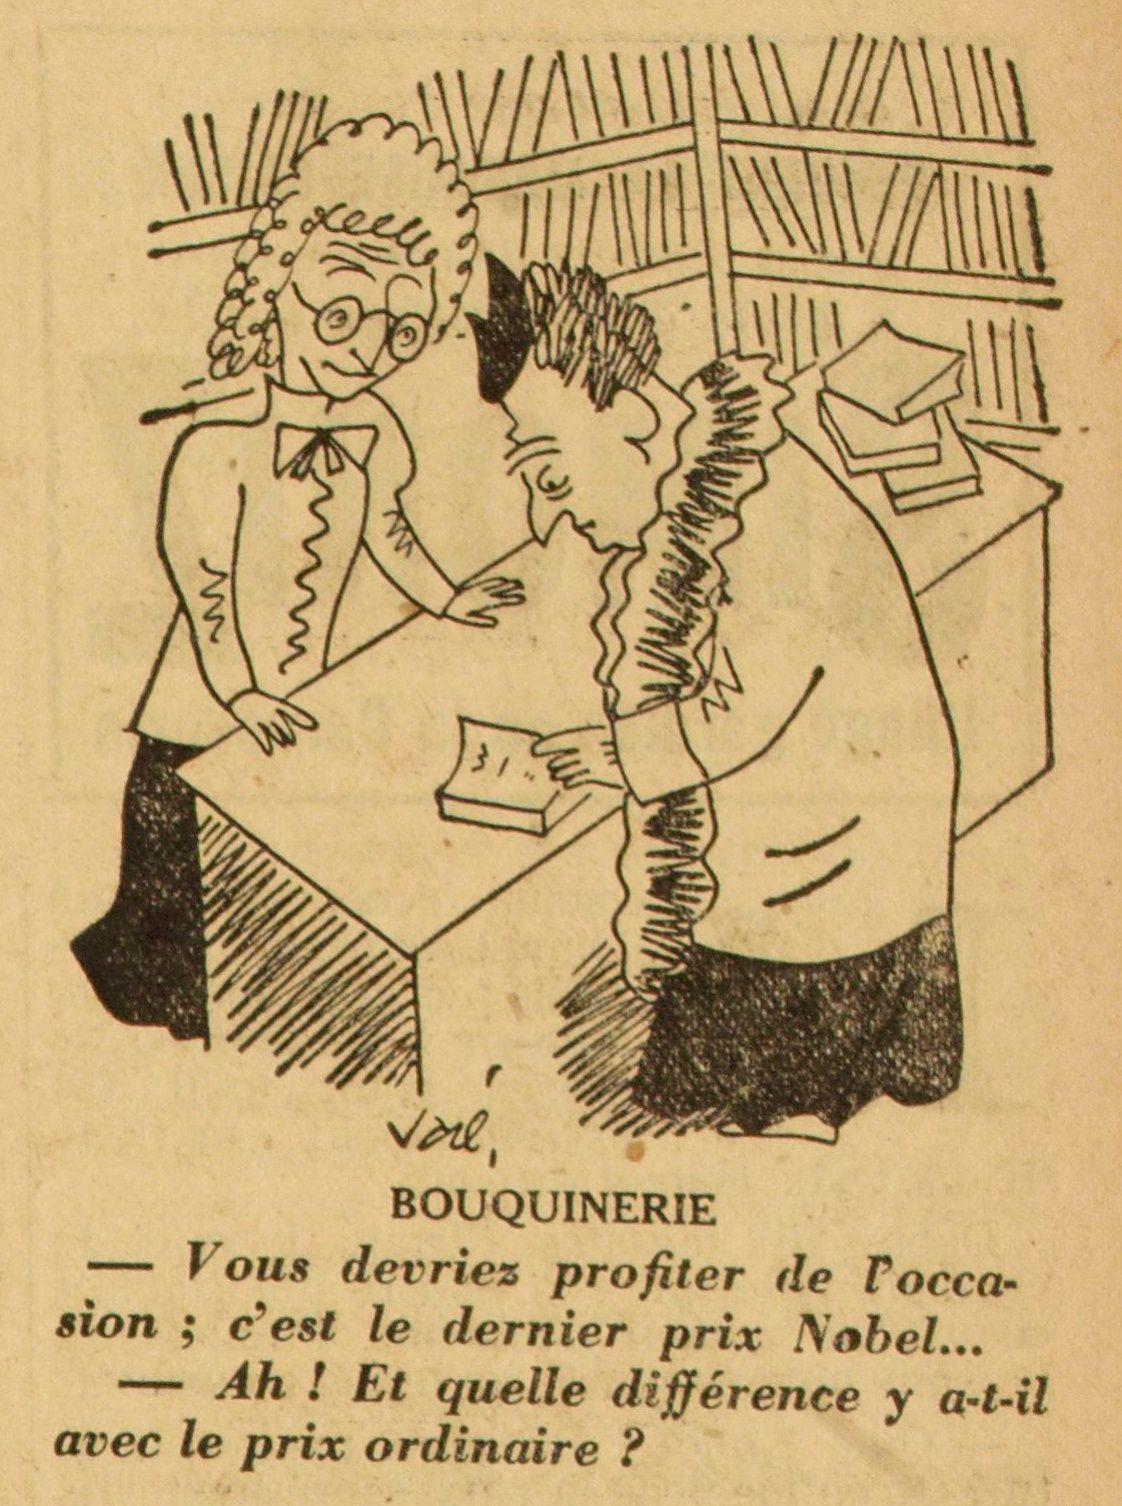 F. Jean-Desthieux - Publicité littéraire (1923)